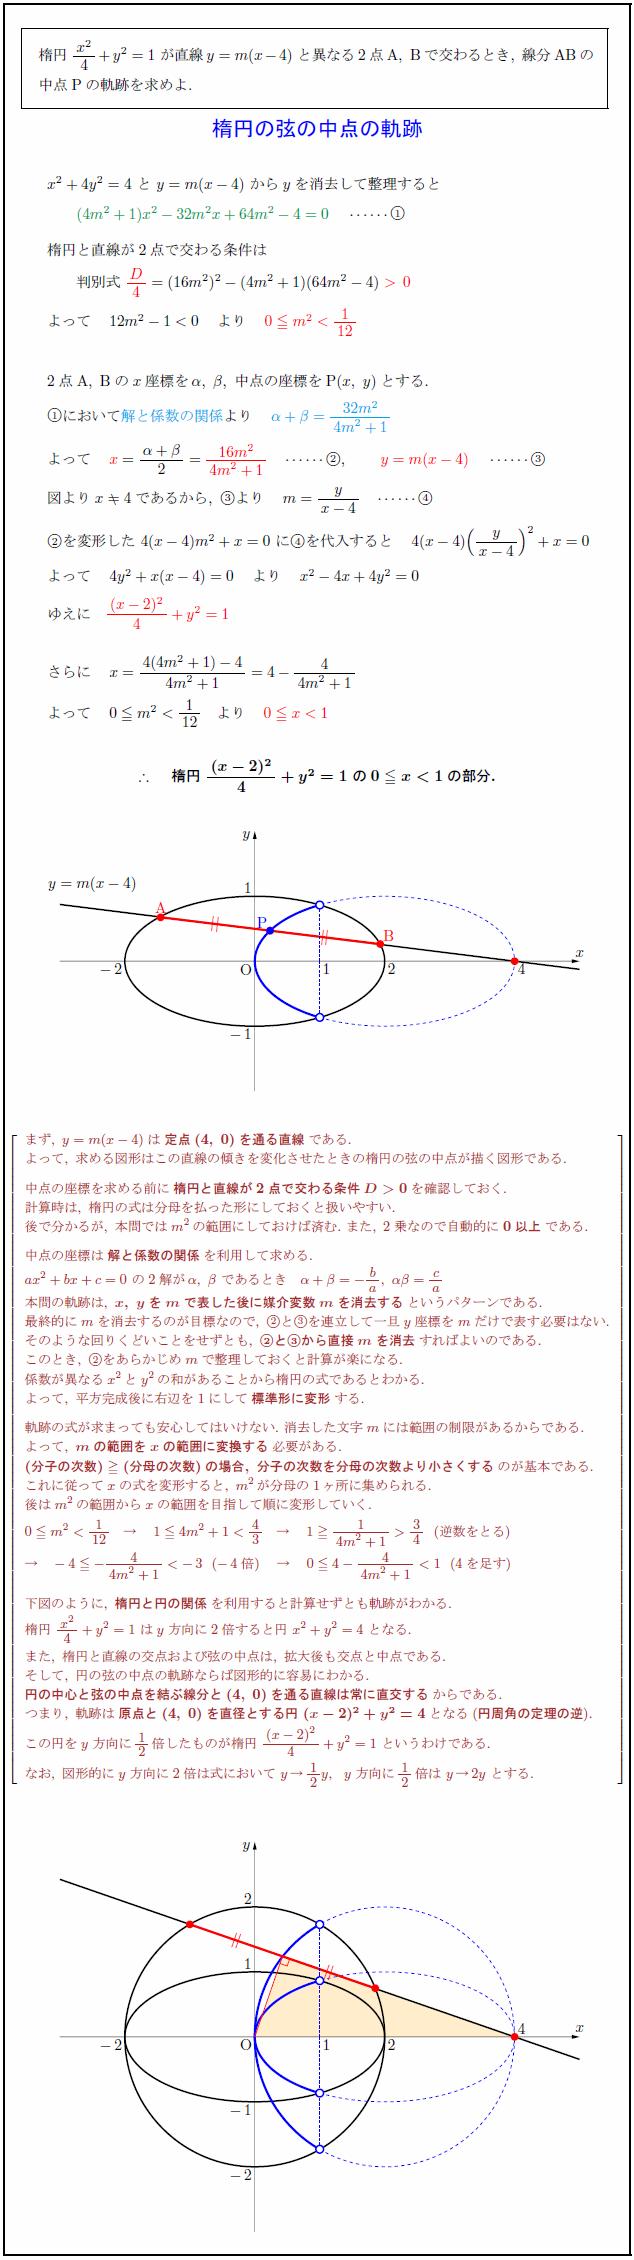 ellipse-chord-locus